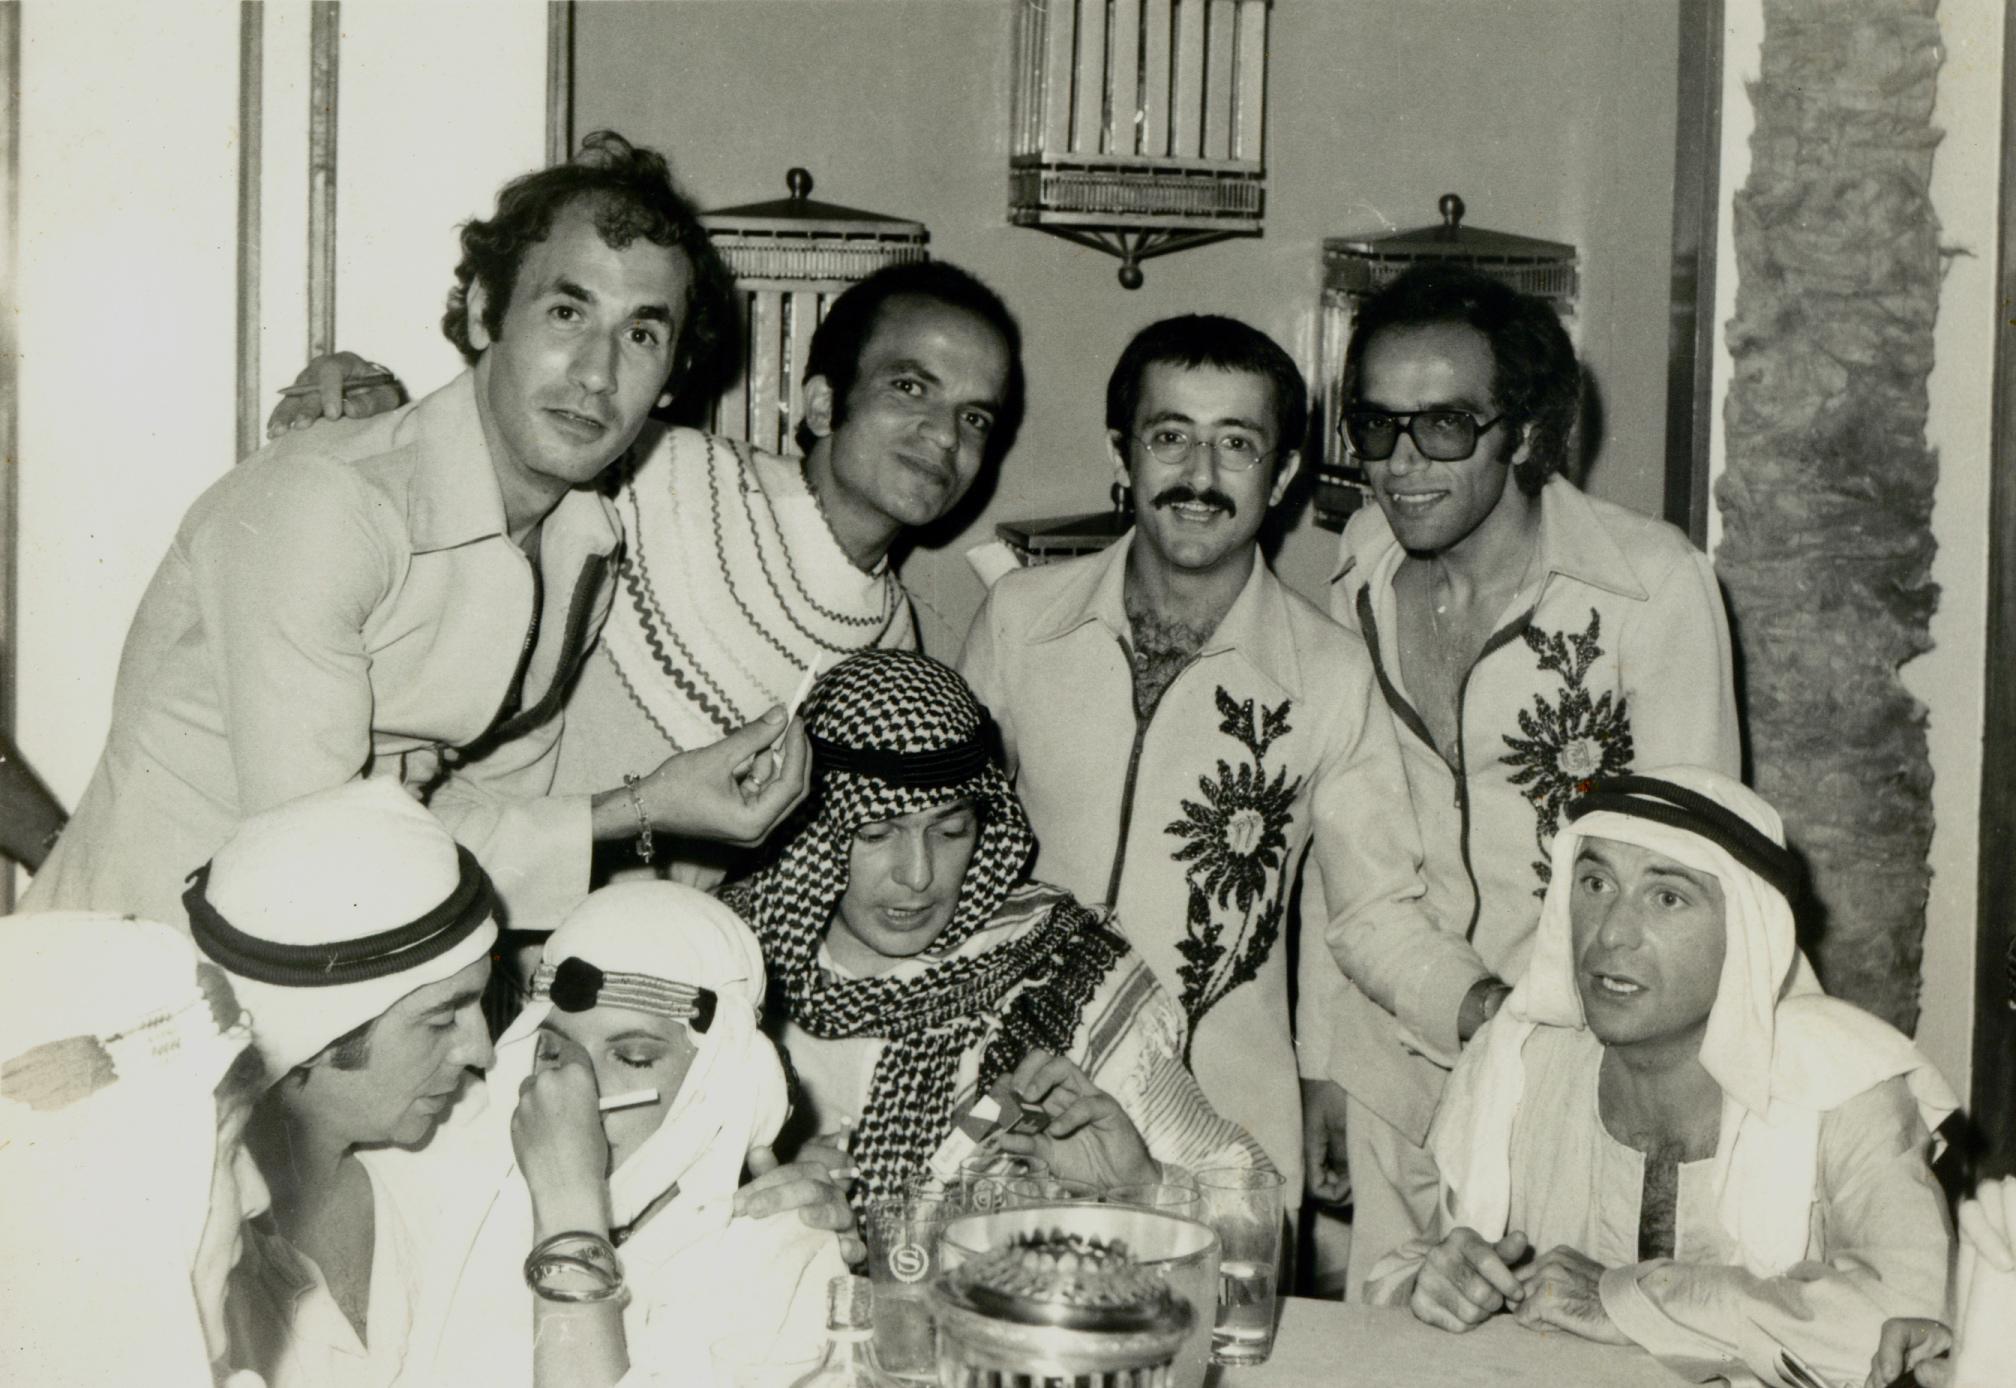 1-      بيرج أندرسيان، عزت أبو عوف، وجدي فرانسيس، عمر خيرت وفريدي رزق أول أعضاء الفريق سنة 1967